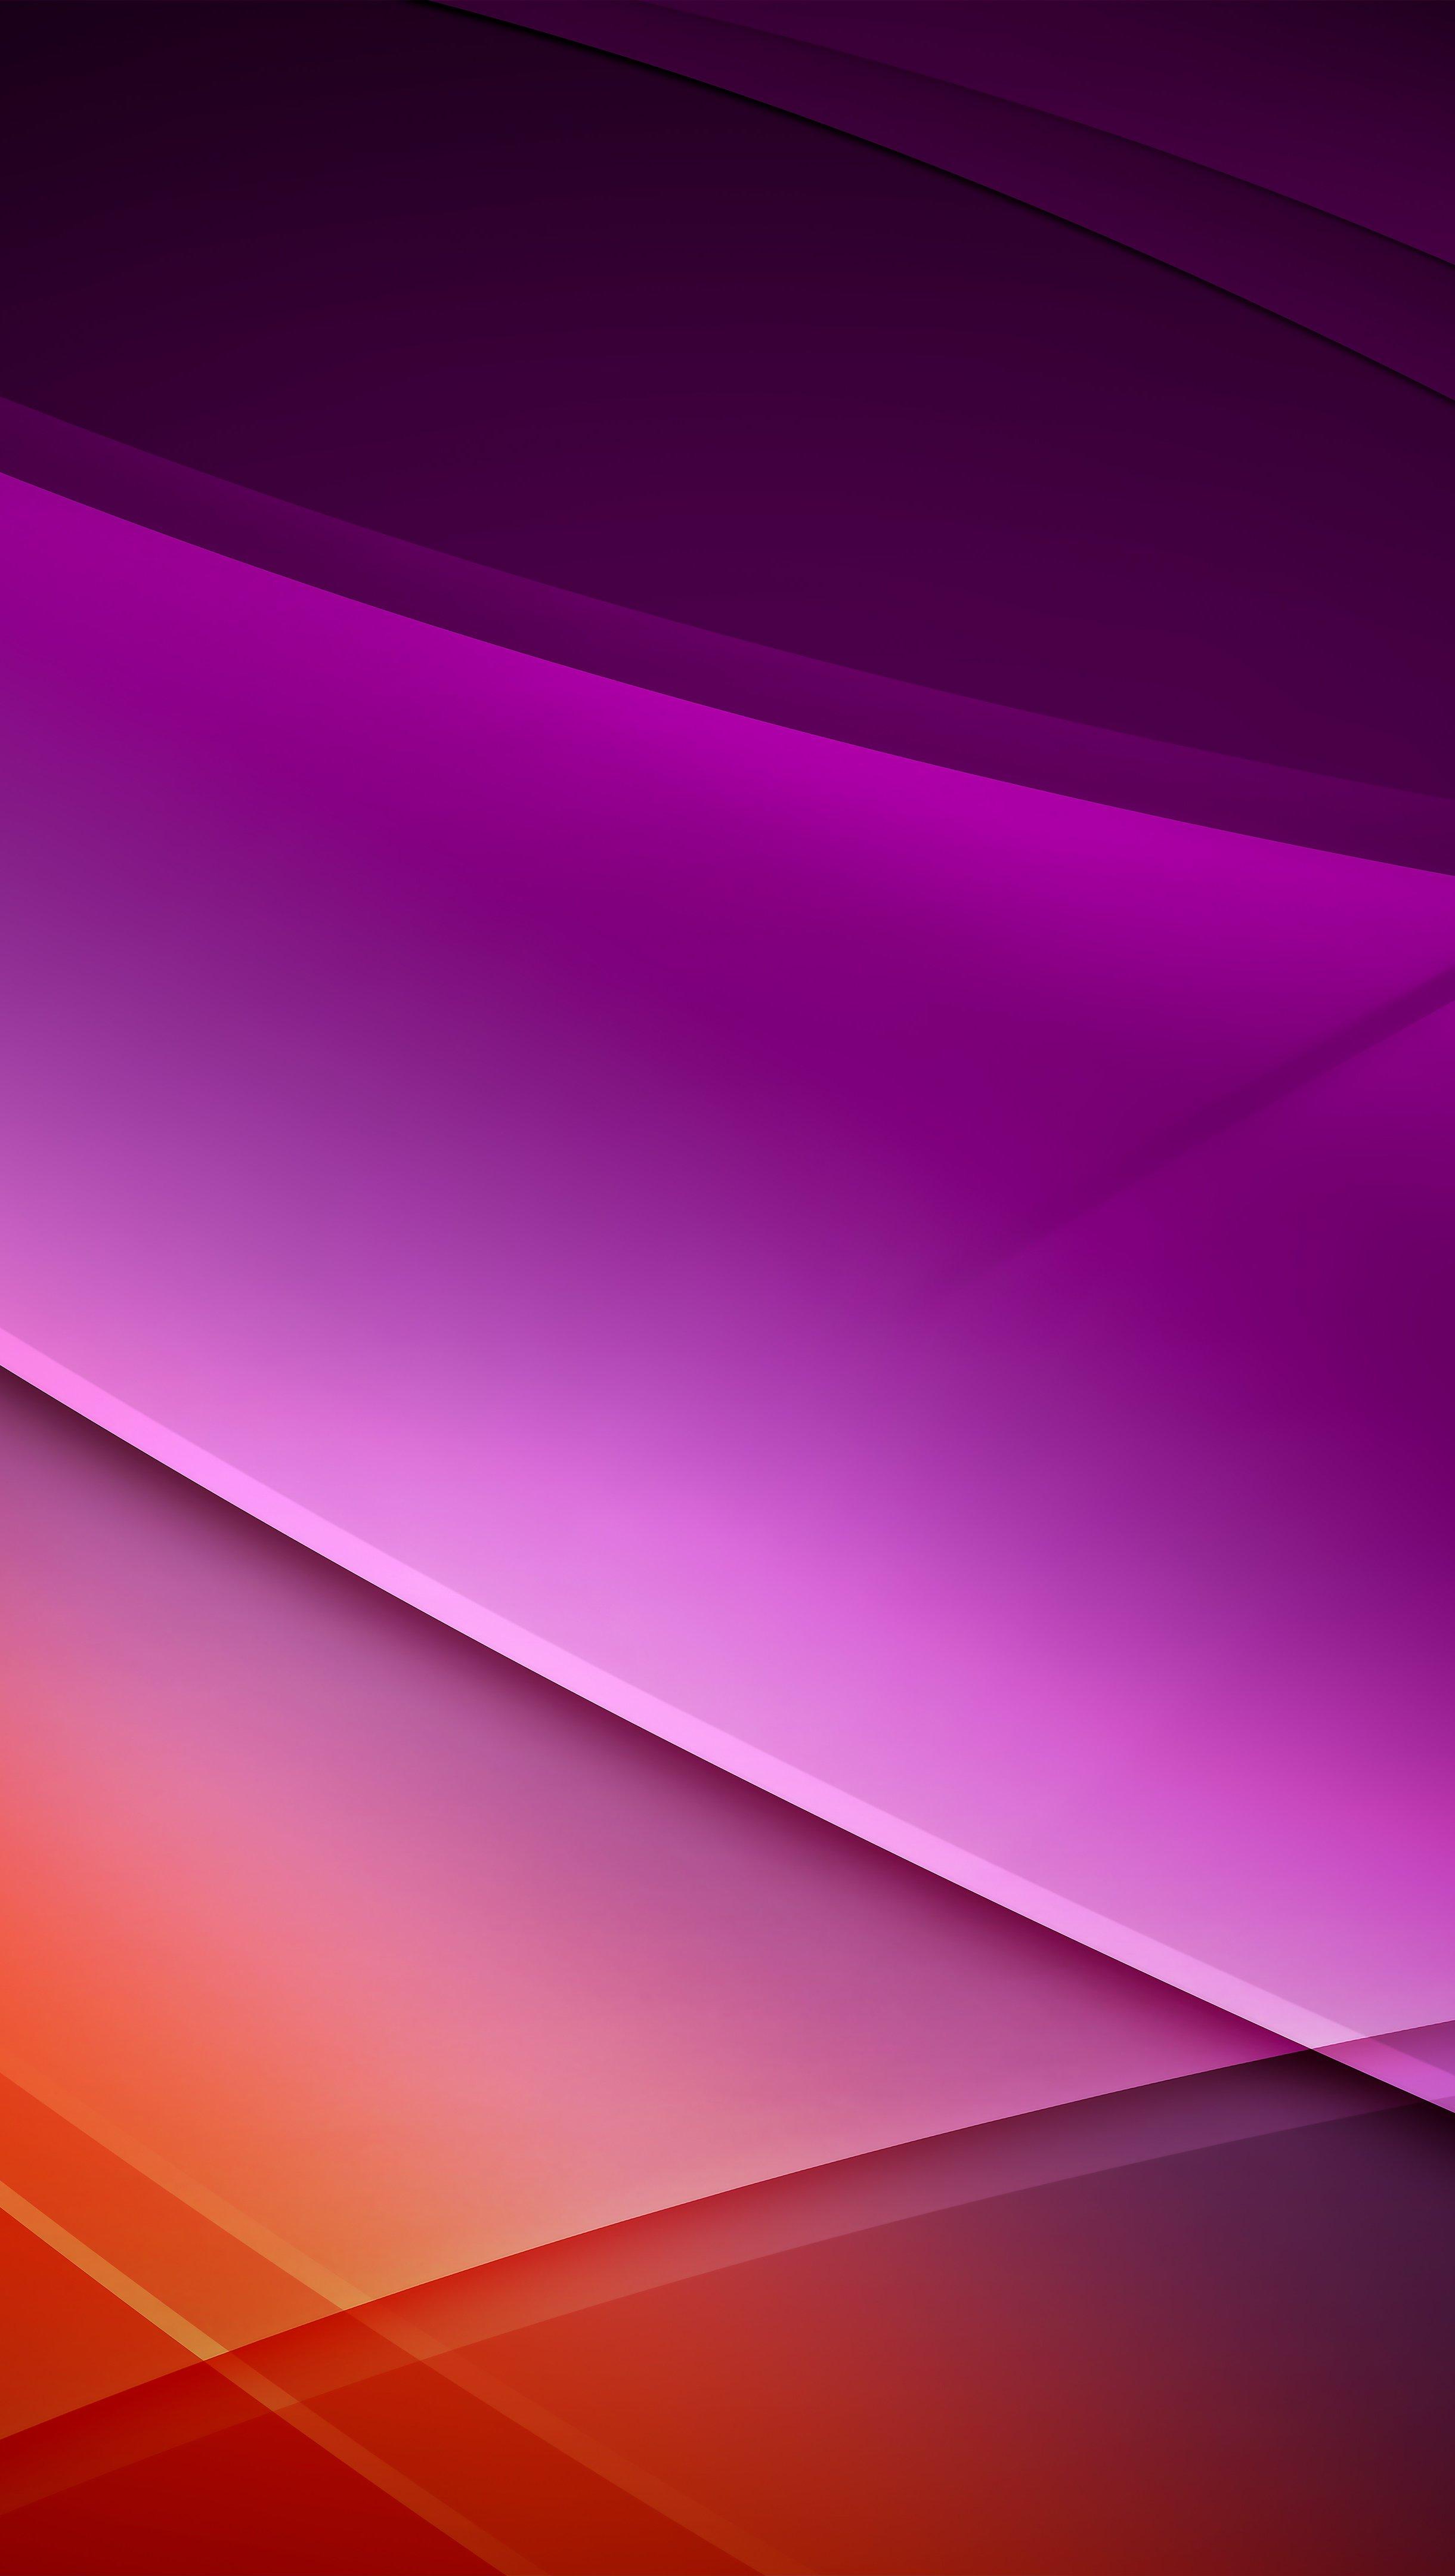 Fondos de pantalla Figuras y lineas en rojo y morado Vertical